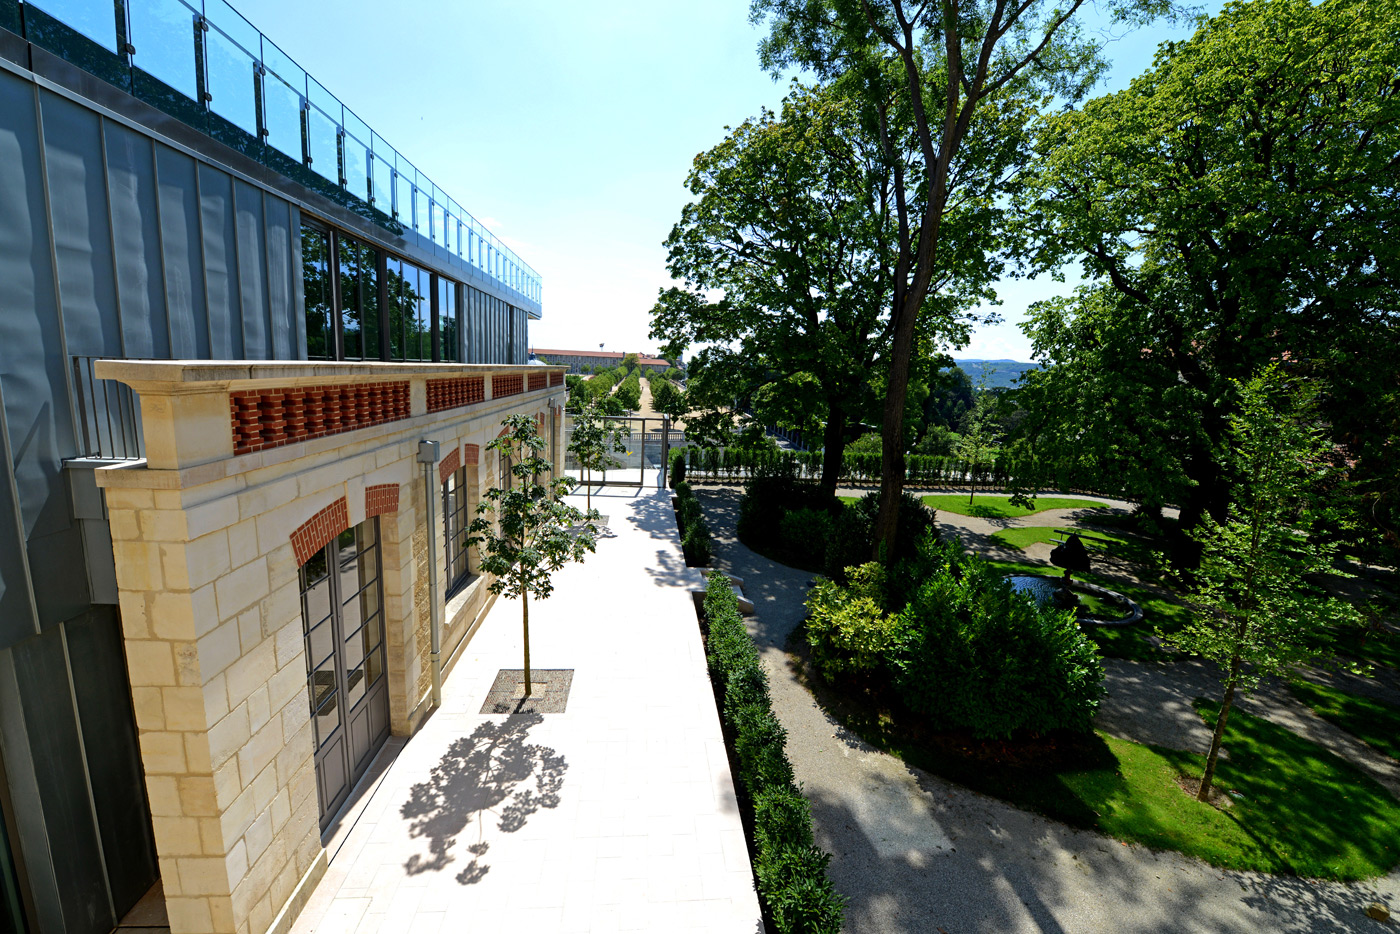 L 39 orangerie c t jardin mus e de valence for Jardin orangerie